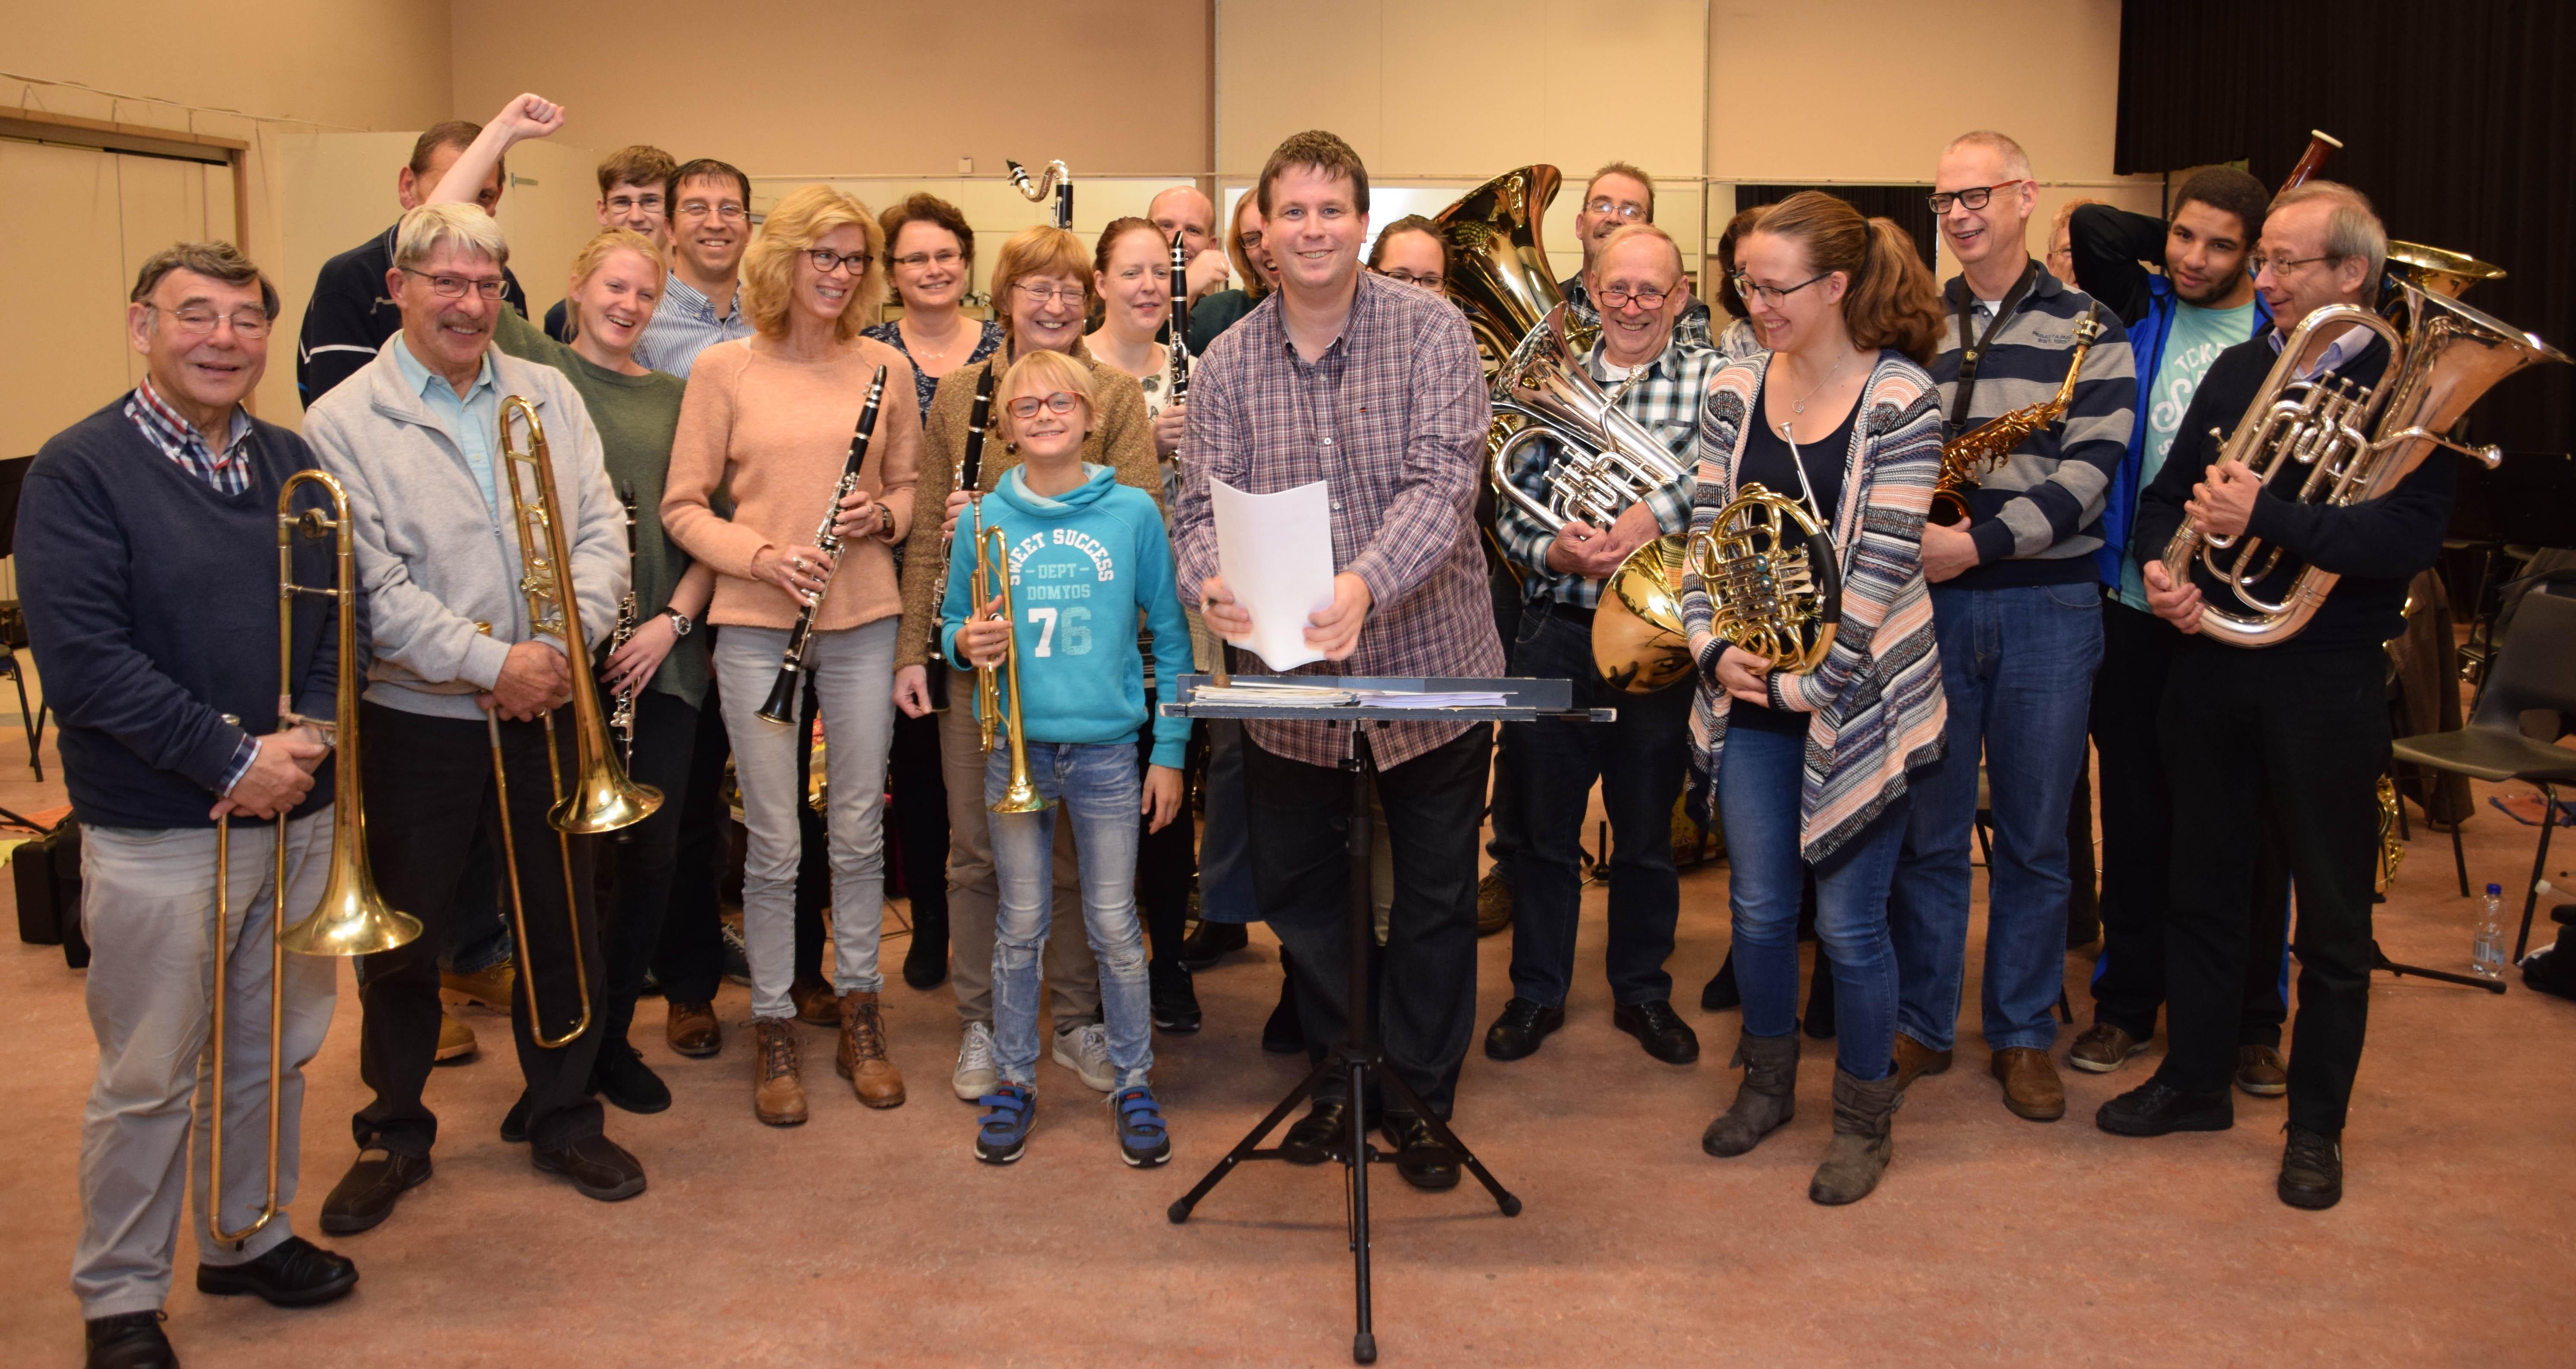 Dirigent Harmonie orkest Zoetermeer - Harpe Davids